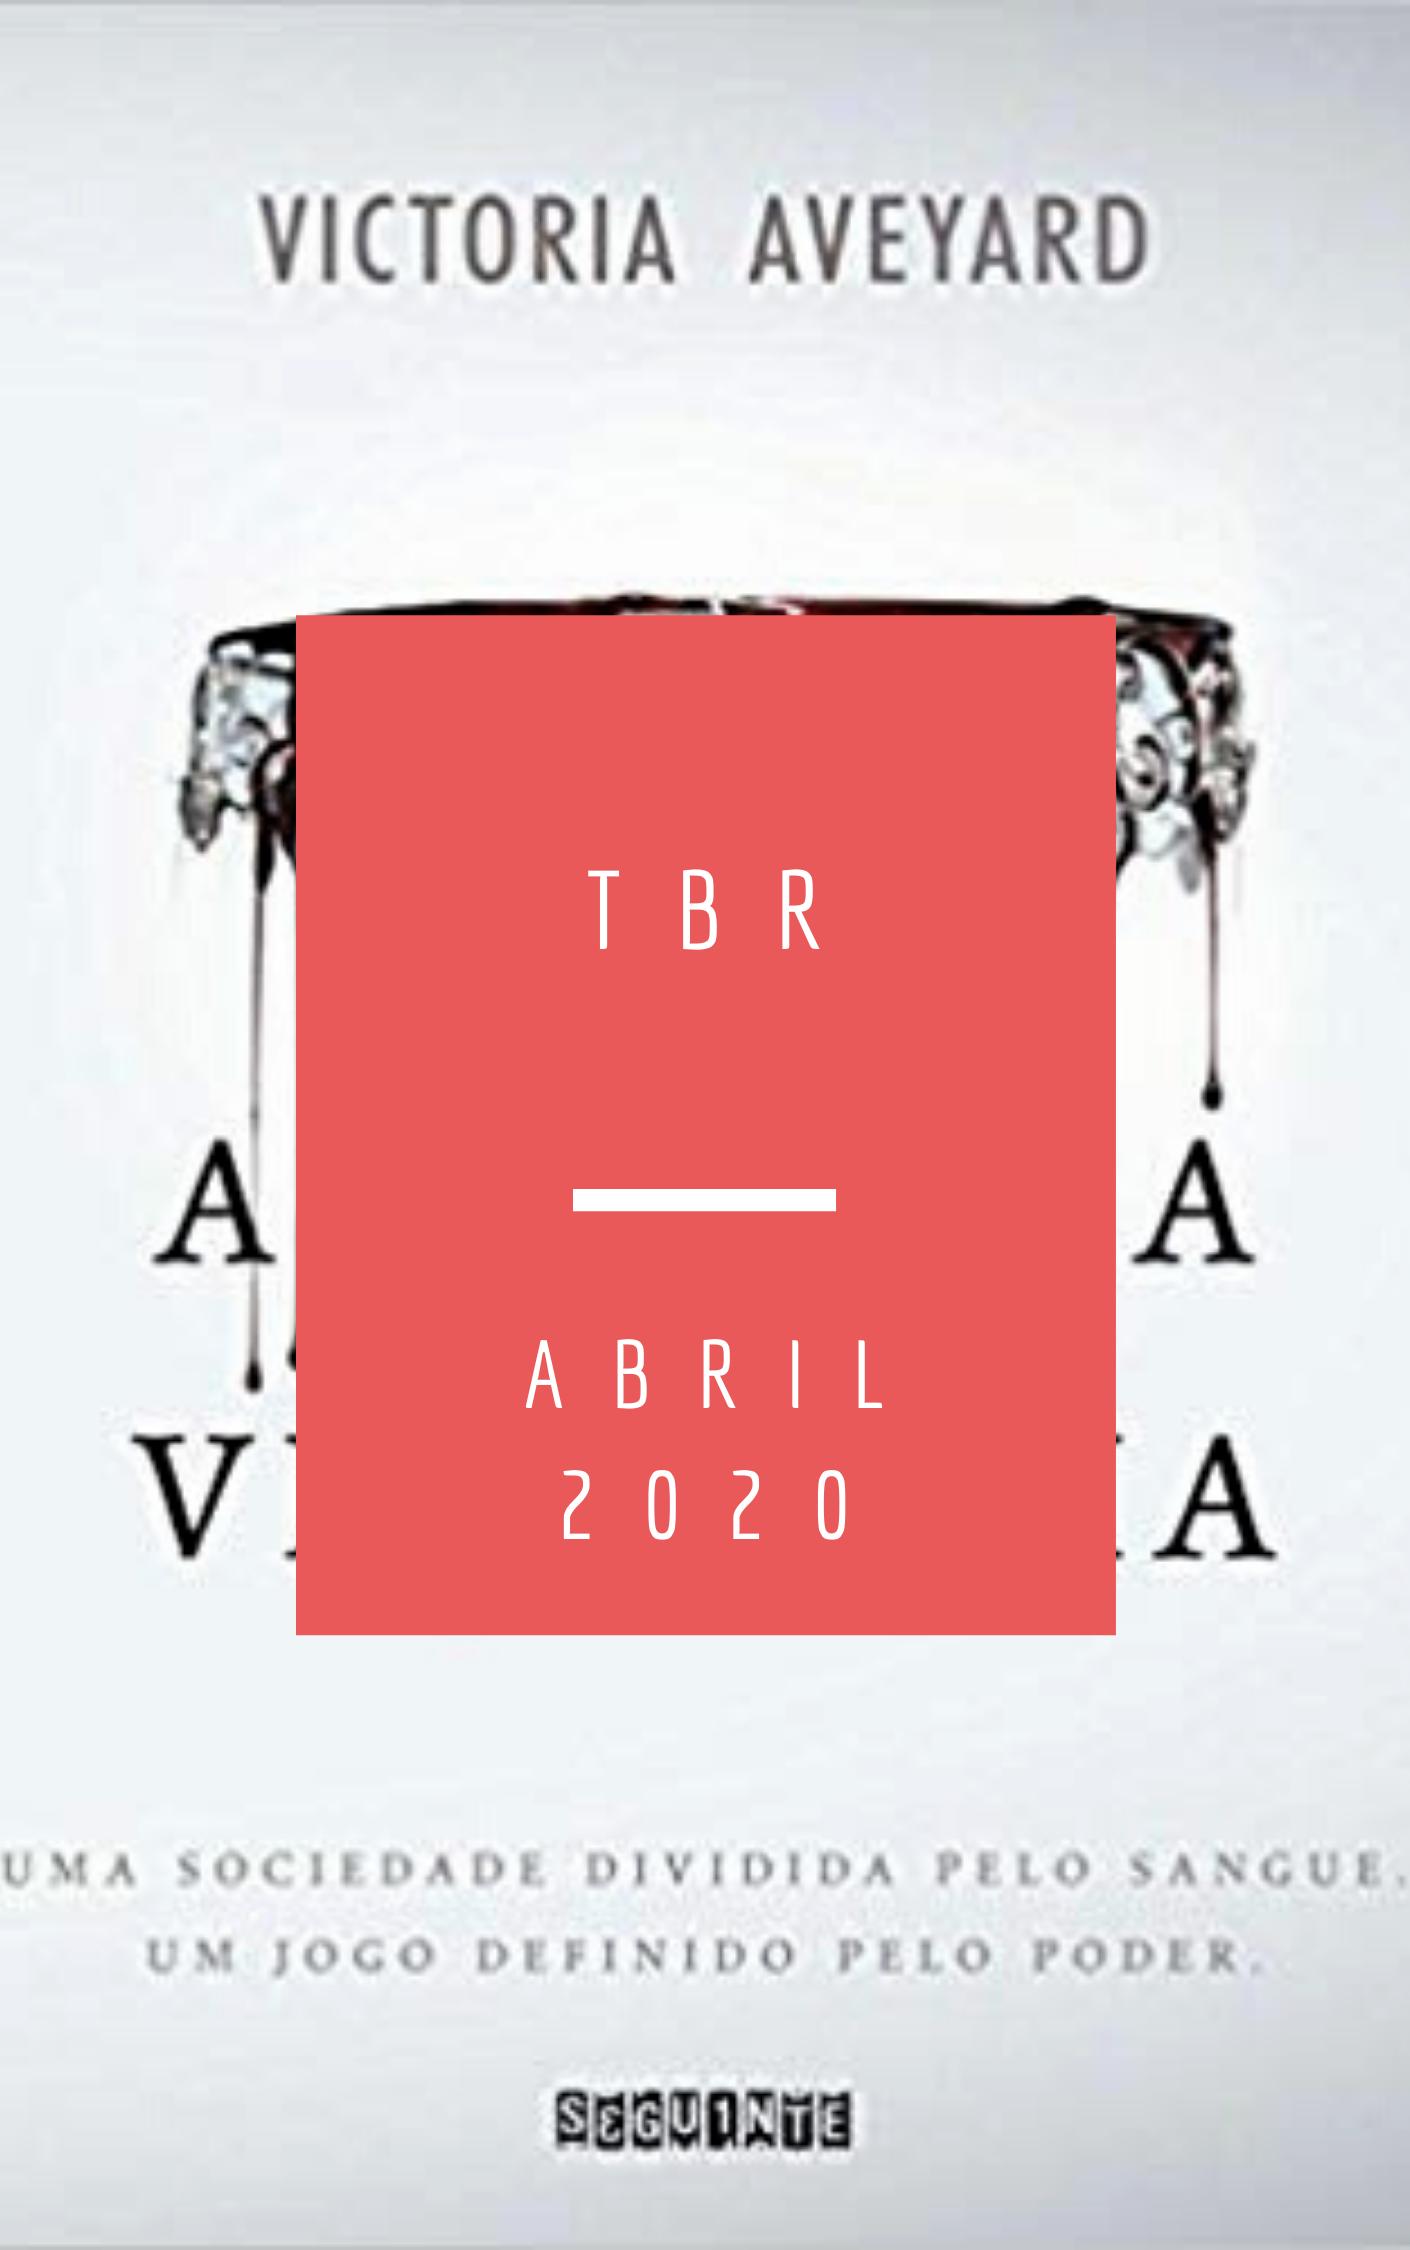 No mês de Abril eu escolhi 2 livros que eu quero muito ler, só clicar na imagem e lê a postagem.  #abril #2020 #livro #arainhavermelha #rainha #vermelha #bem #mal #escola #tbr #livros #leitura #ler #le #li #lido #lendo